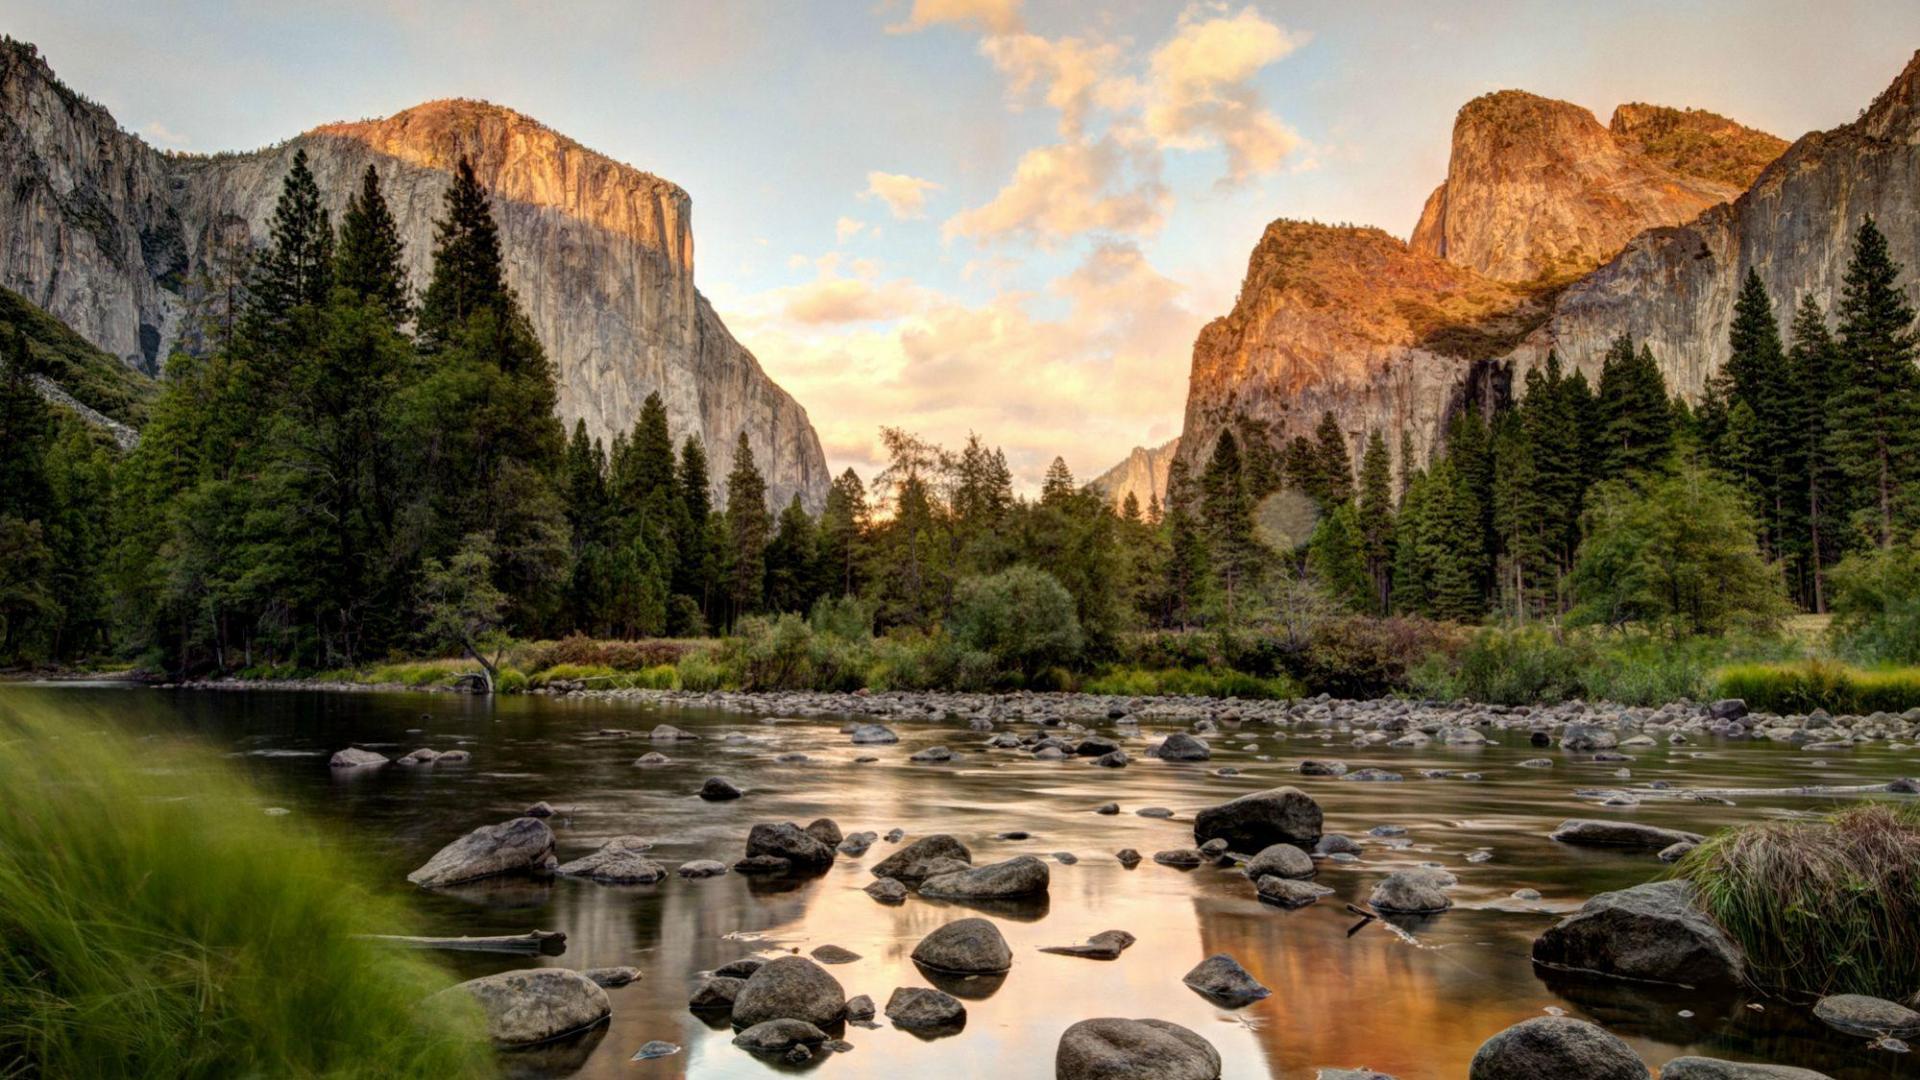 Yosemite Wallpaper High Resolution - WallpaperSafari